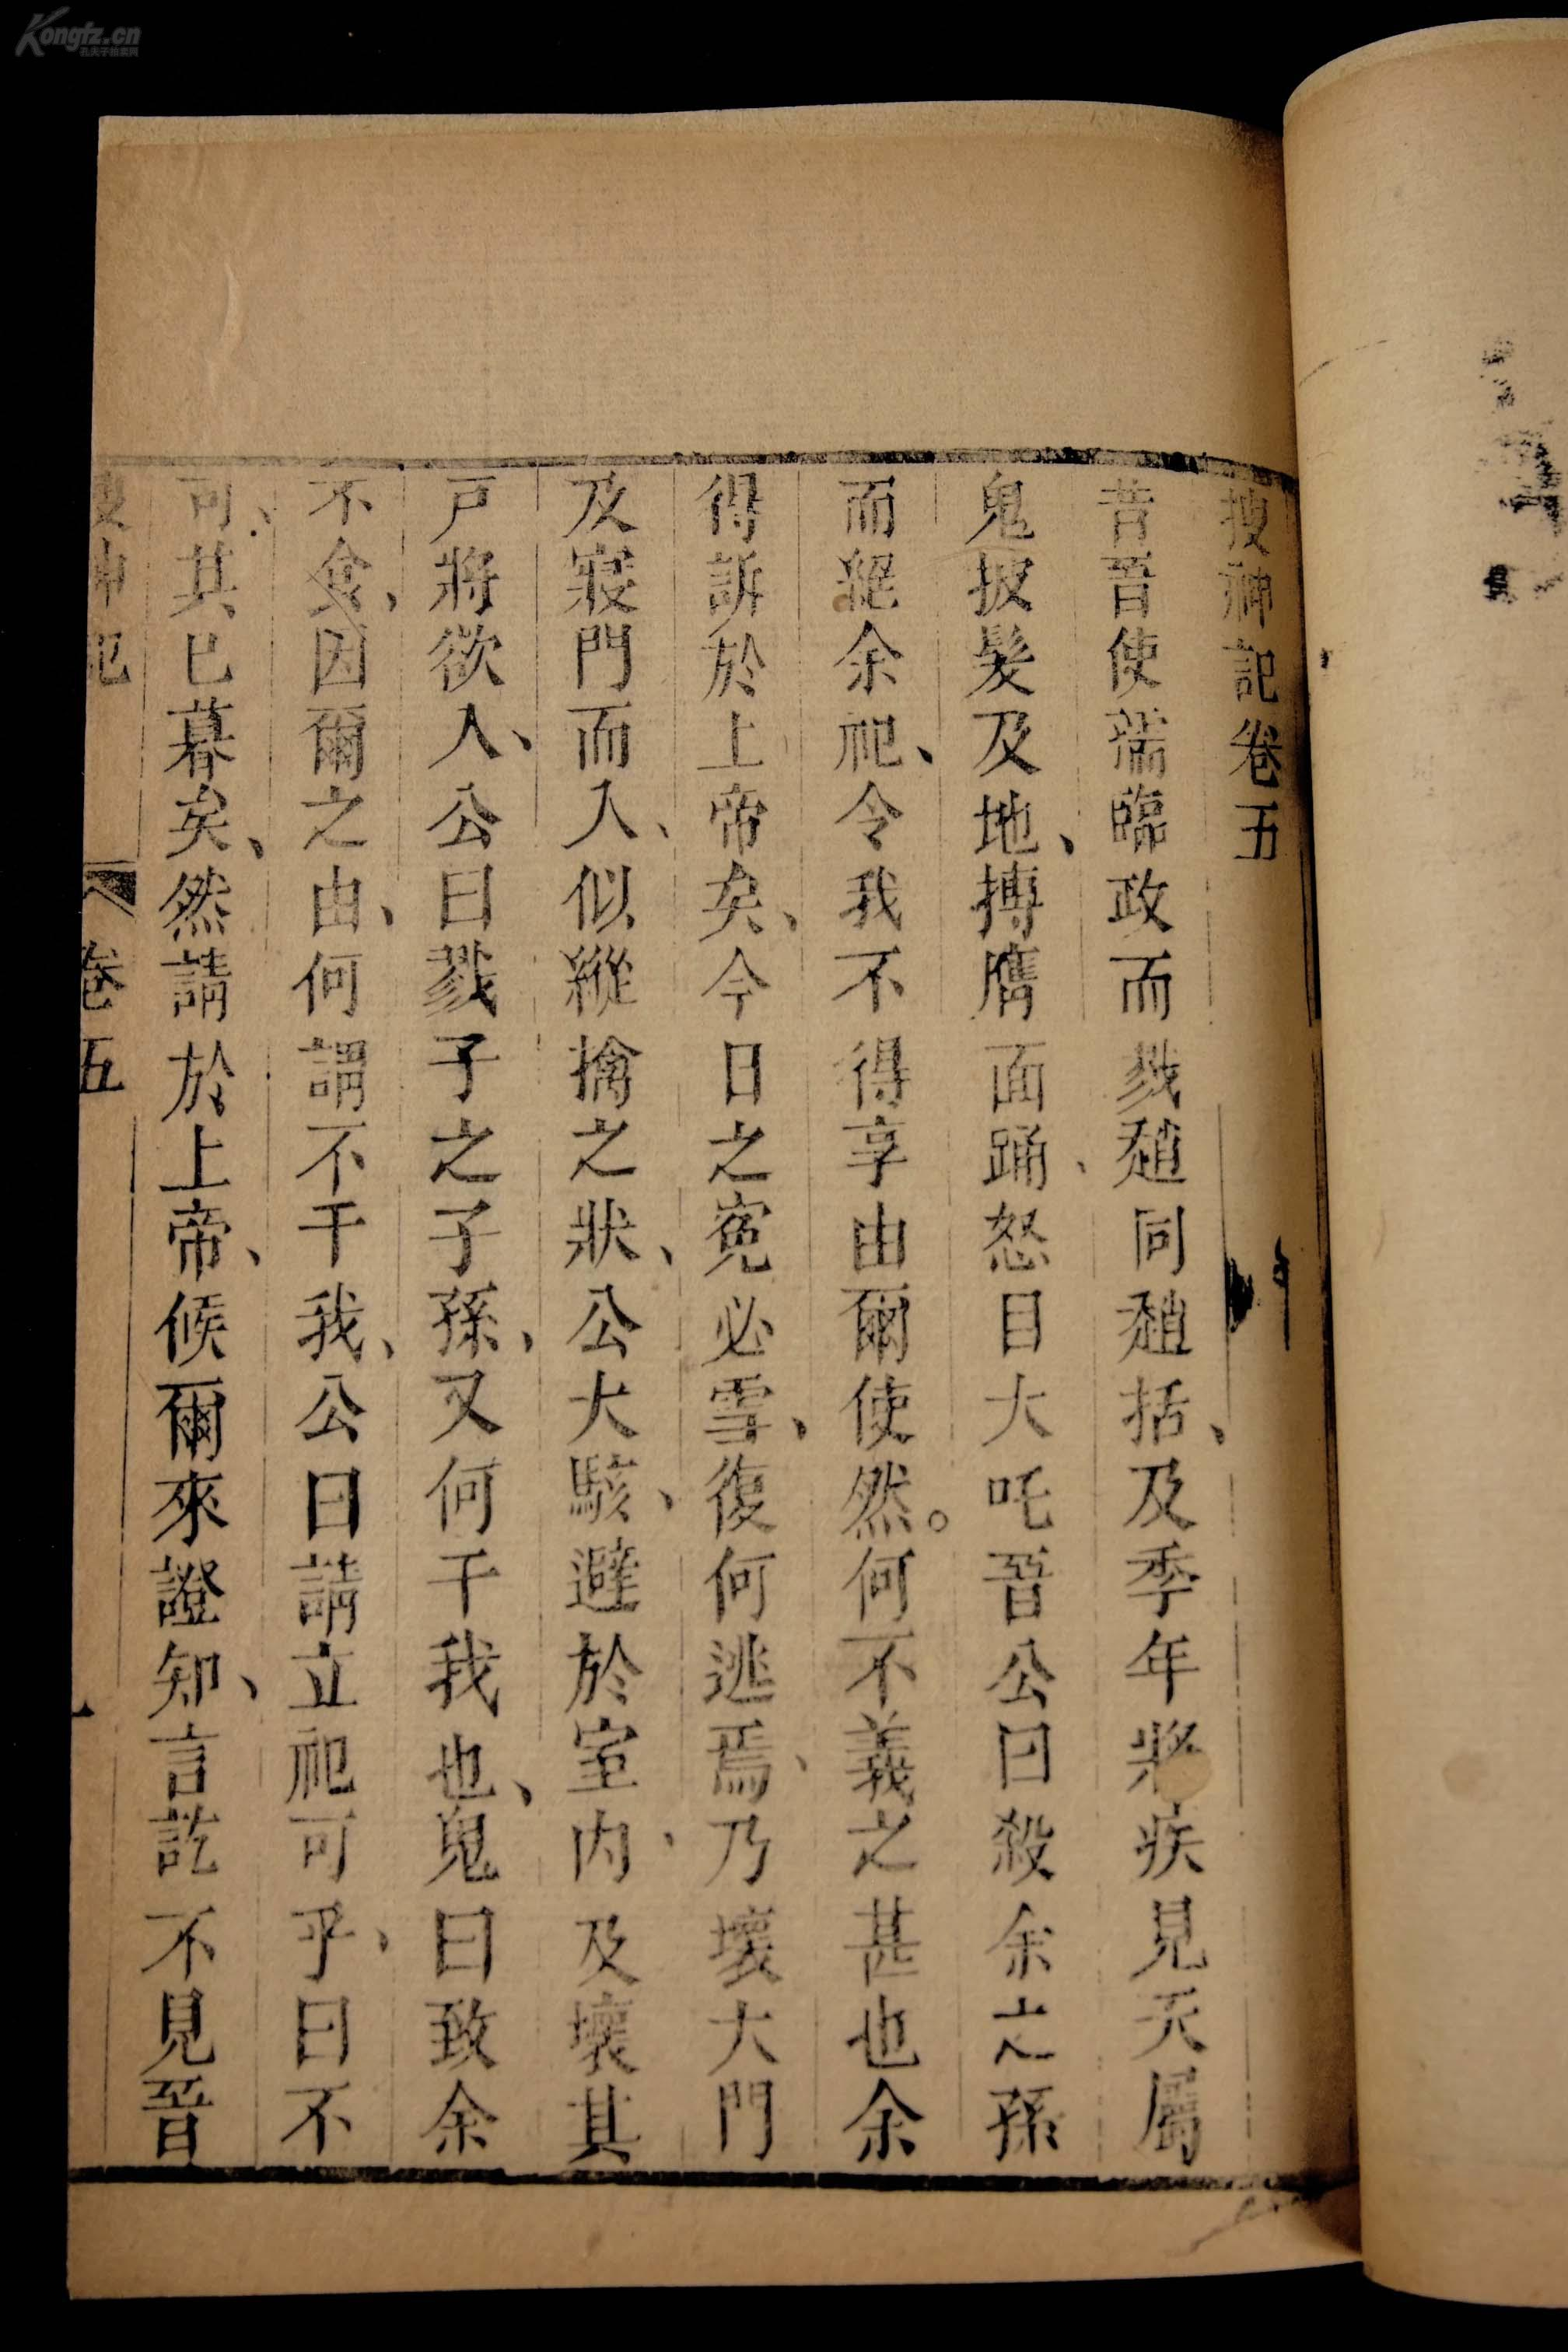 明末精刻本【搜神记】8卷3册全,是一部记录古代民间传说中神奇怪异